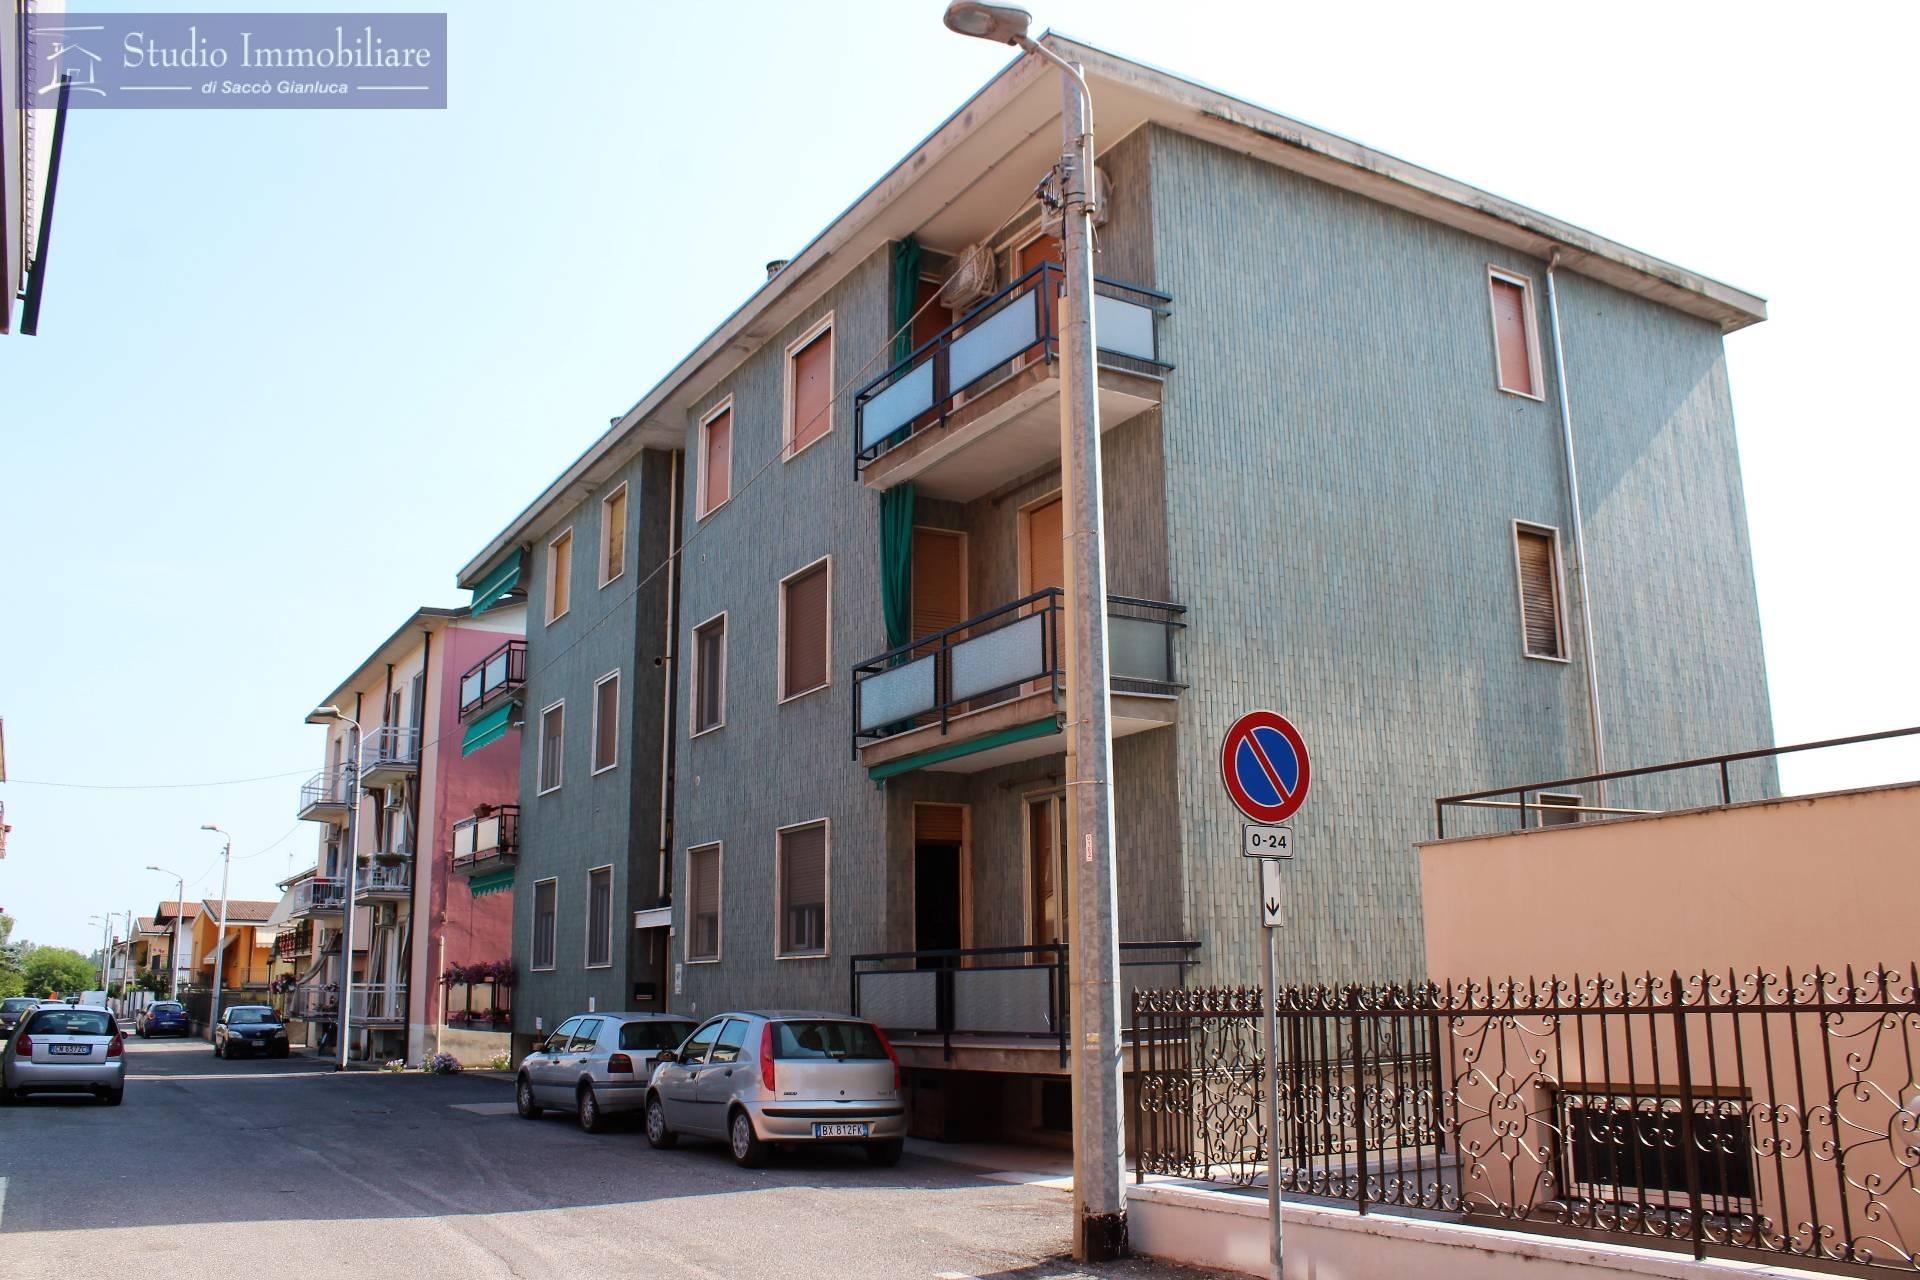 Appartamento in vendita a Bressana Bottarone, 3 locali, prezzo € 49.000 | CambioCasa.it